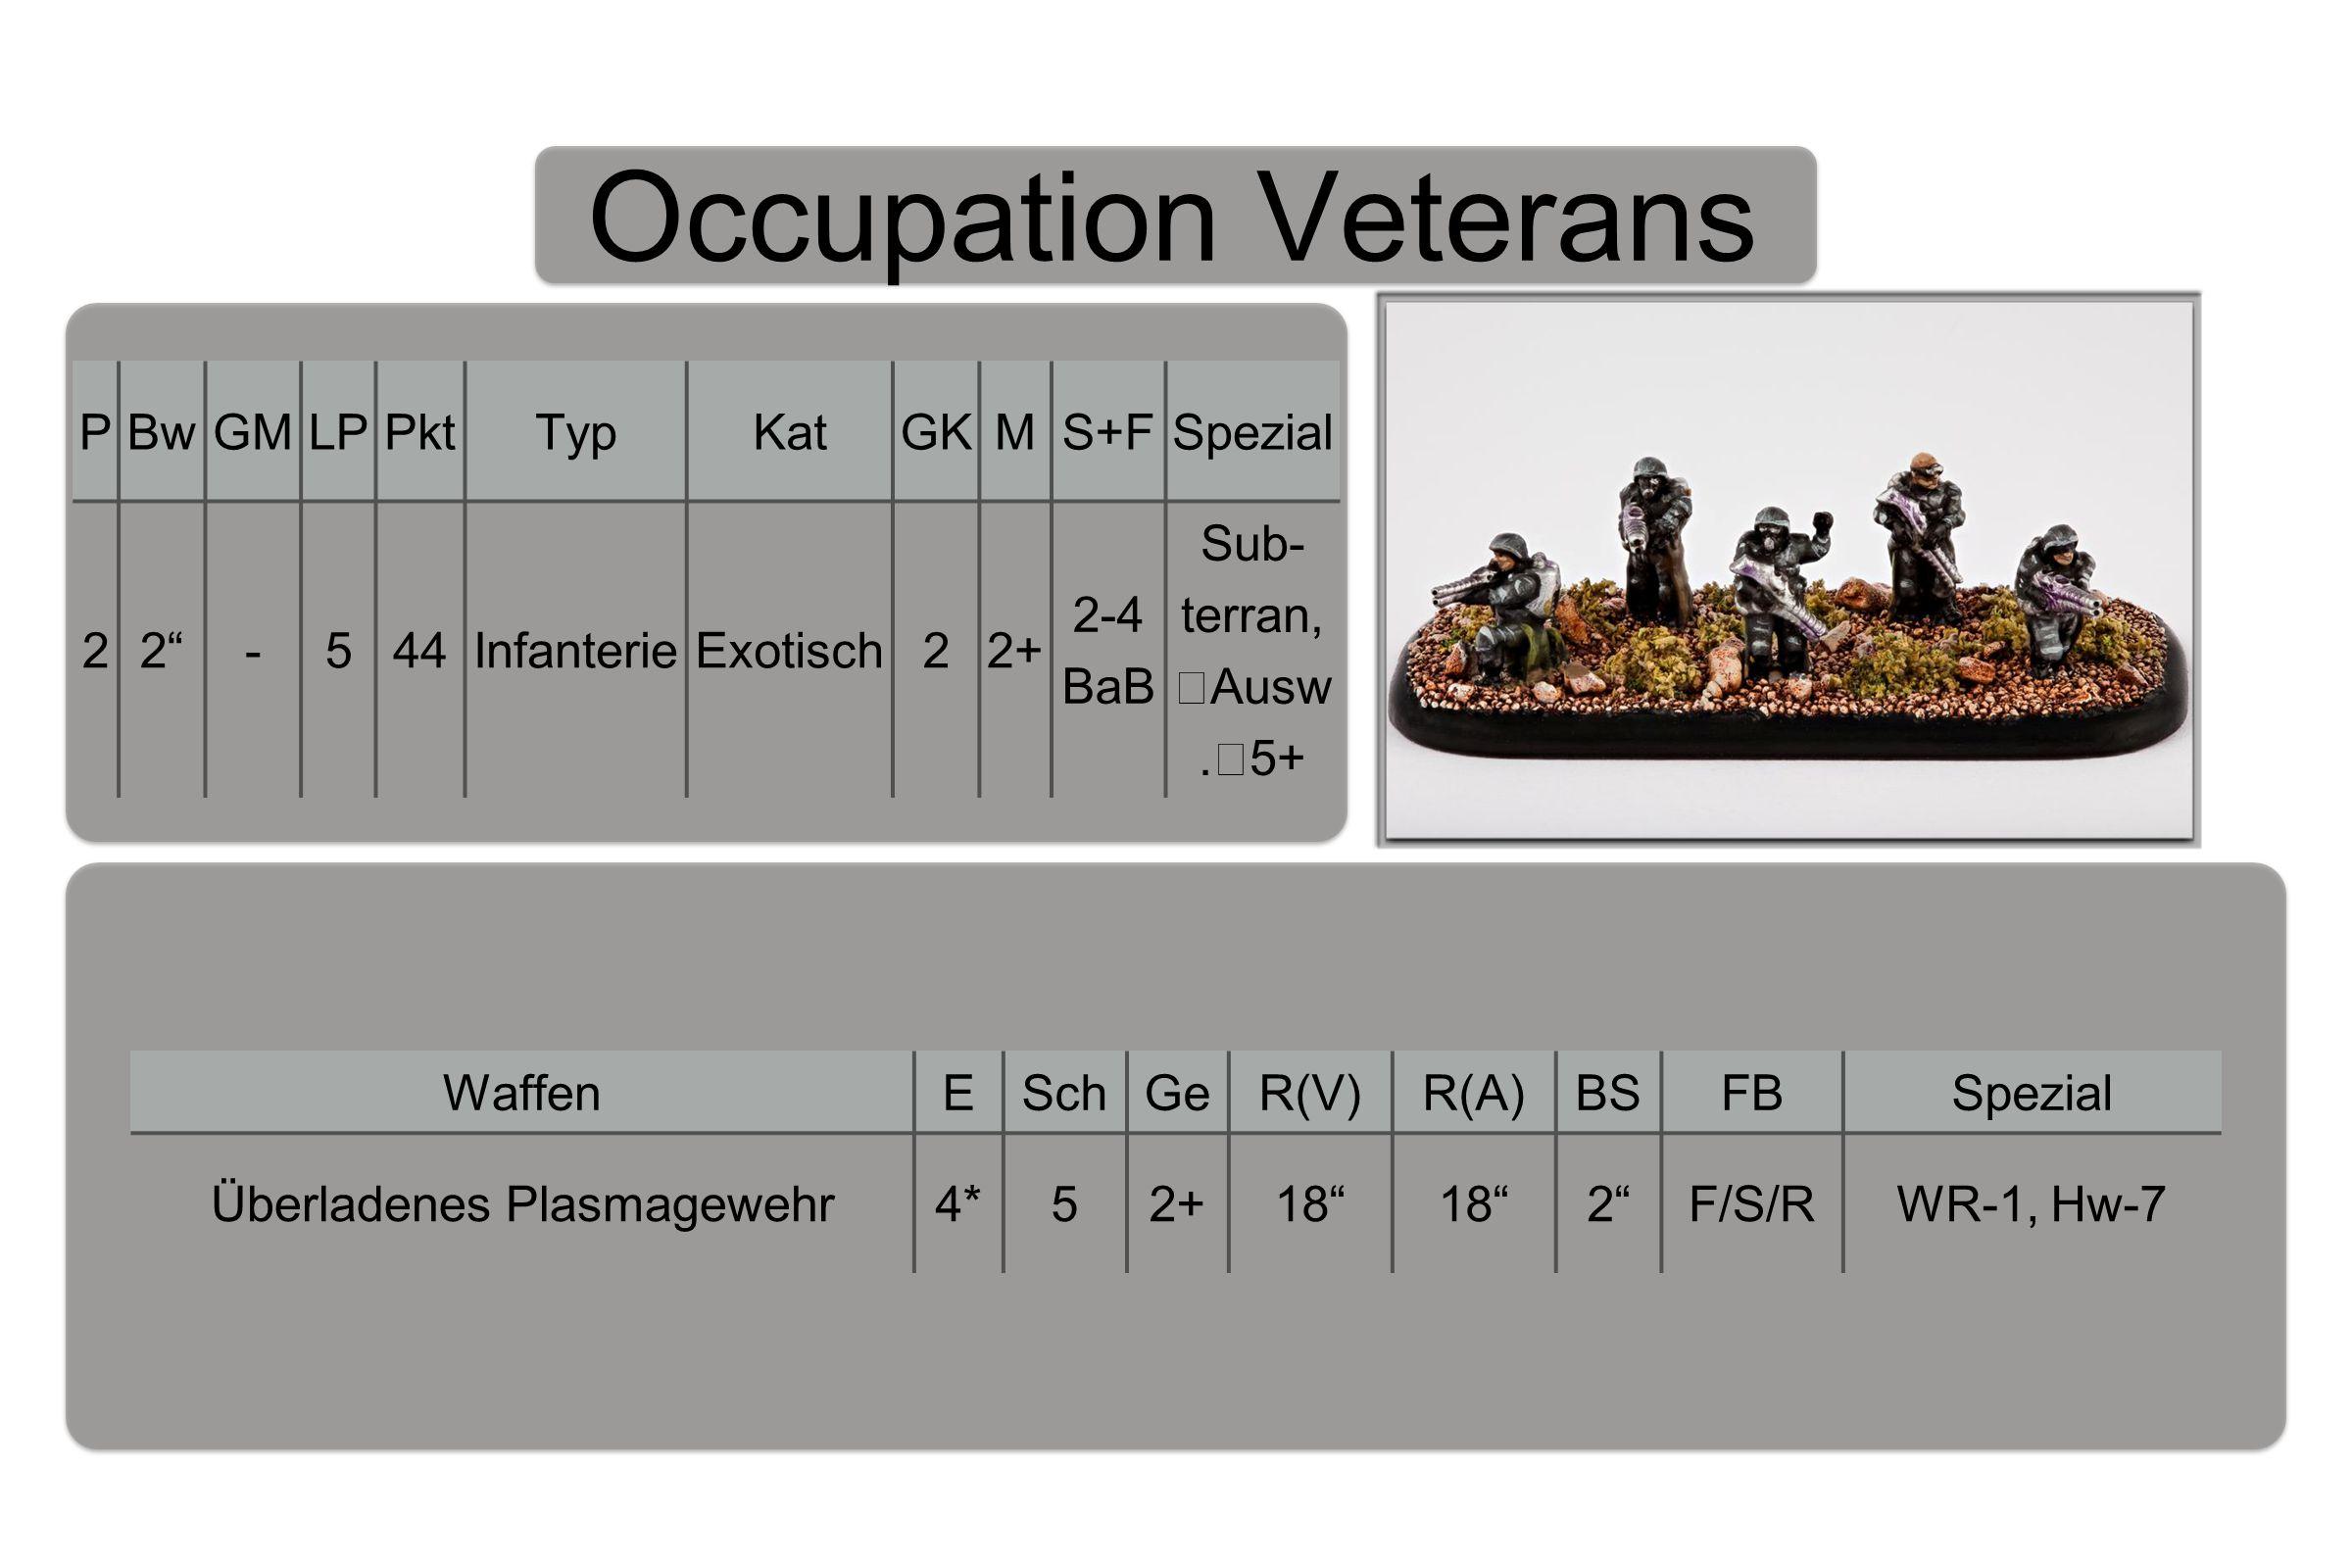 Occupation Veterans PBwGMLPPktTypKatGKMS+FSpezial 22 -544InfanterieExotisch22+ 2-4 BaB Sub- terran, Ausw.